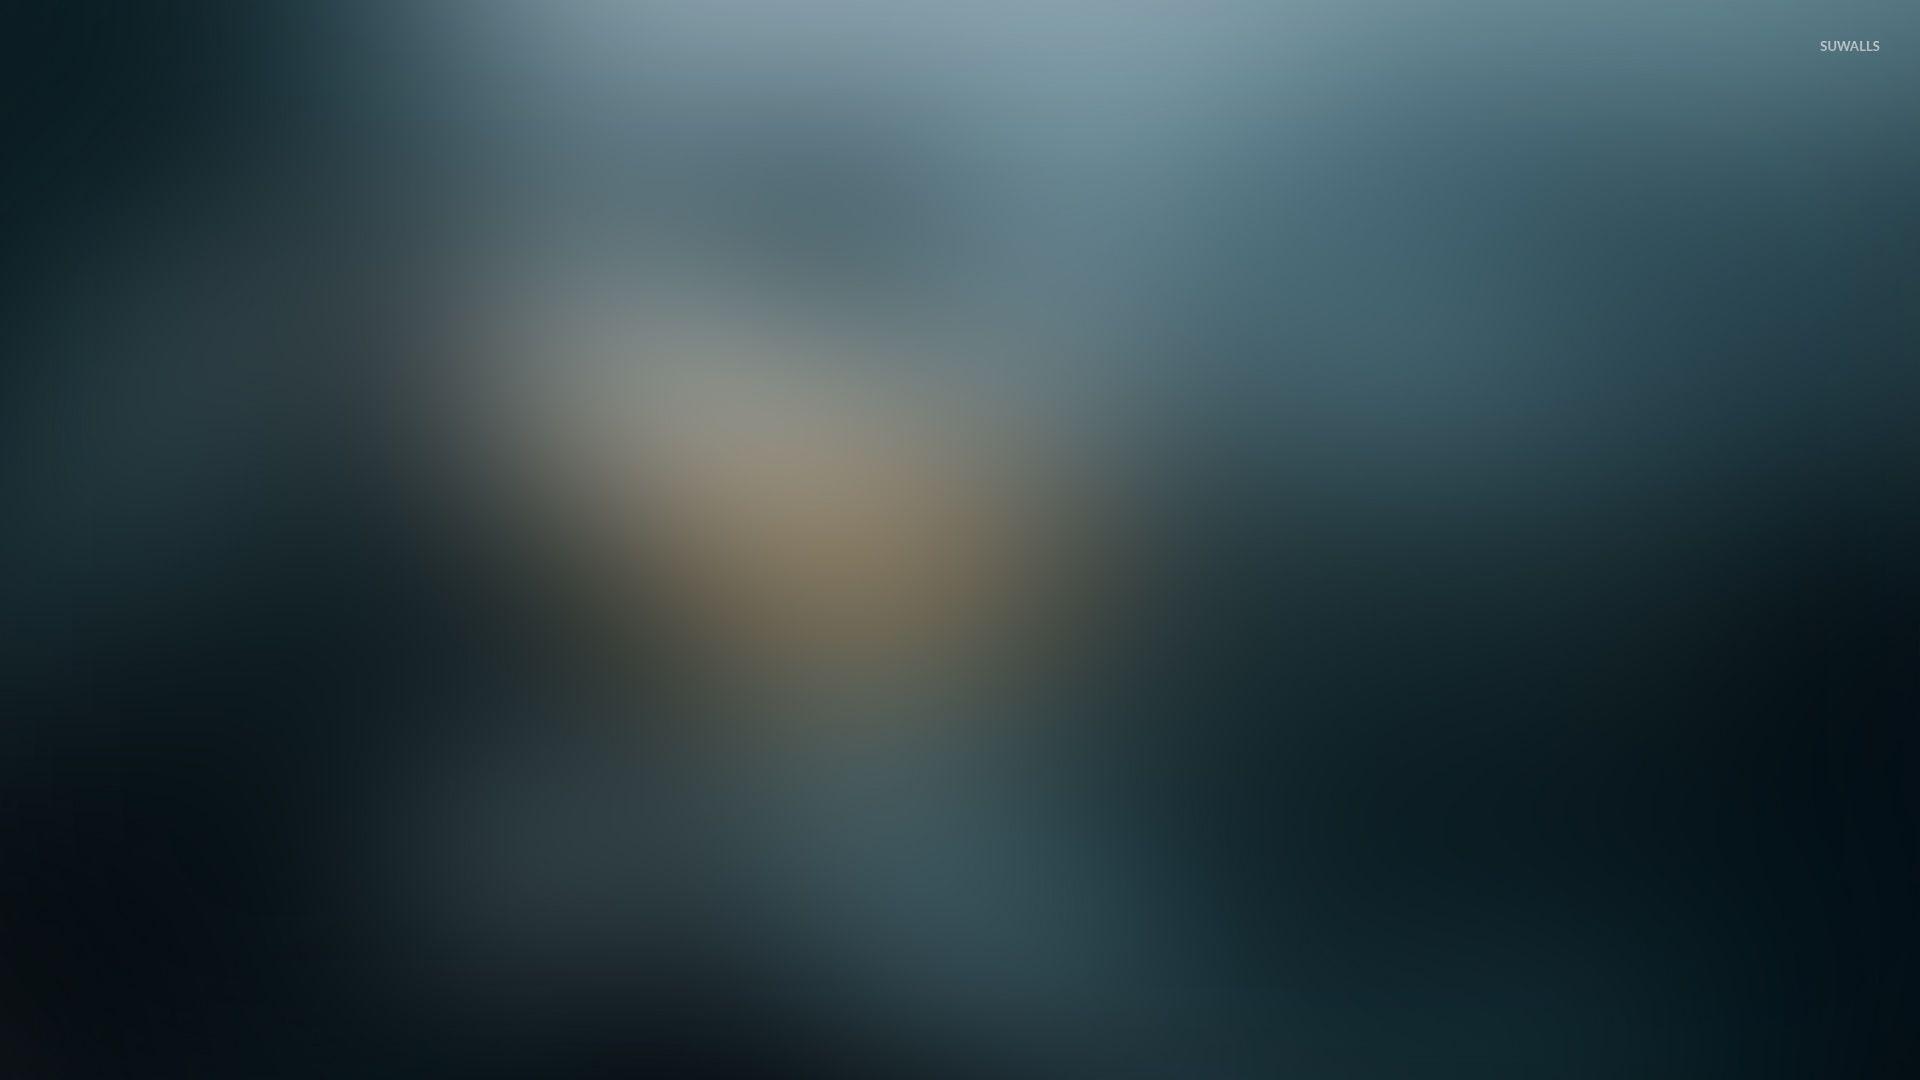 Dark blur image